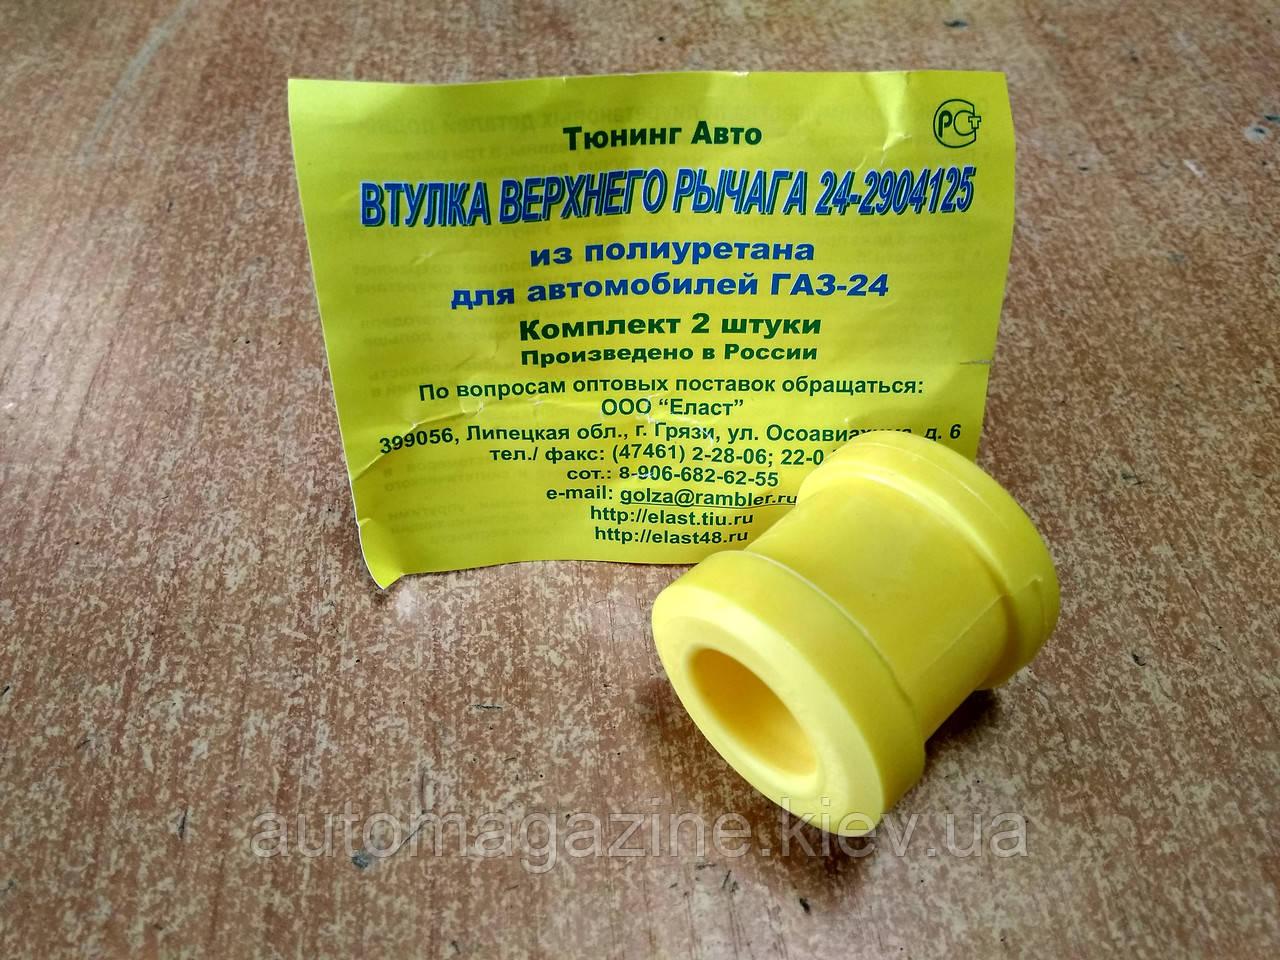 Втулка верхнього важеля ГАЗ 2410, 31029 (поліуретан)